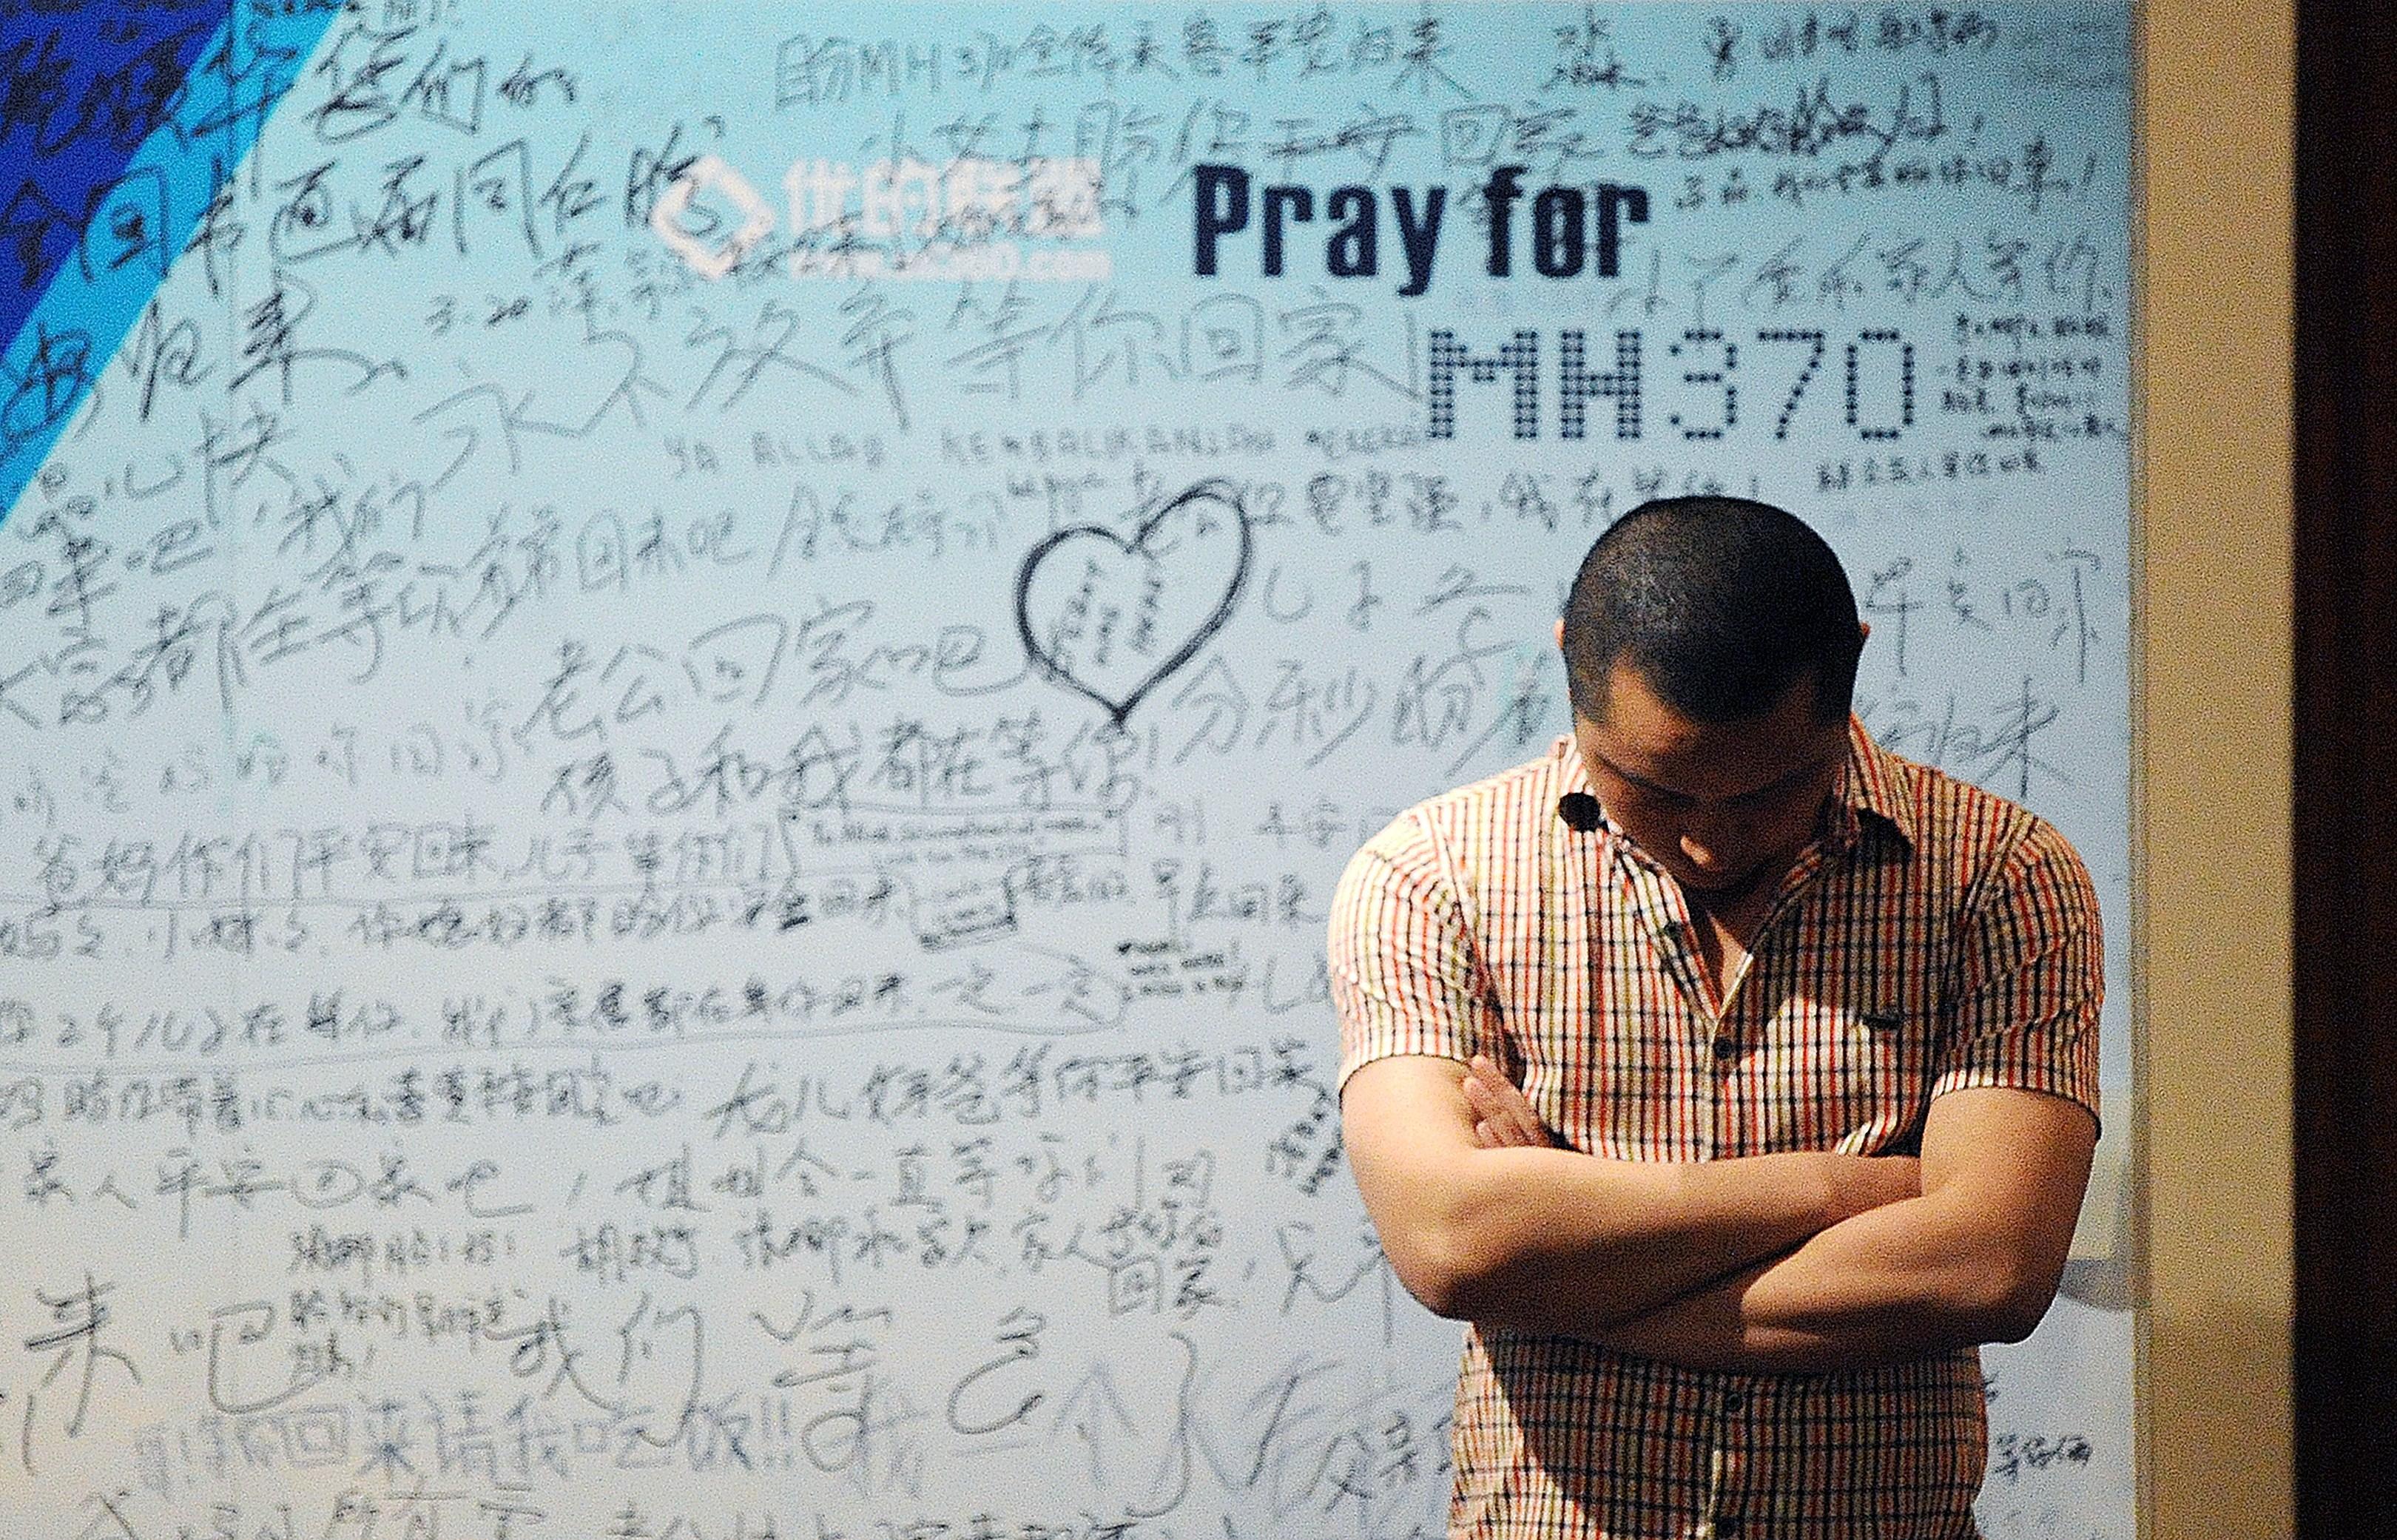 Diego Garcia – Flug MH370: So wird die Öffentlichkeit für dumm verkauft